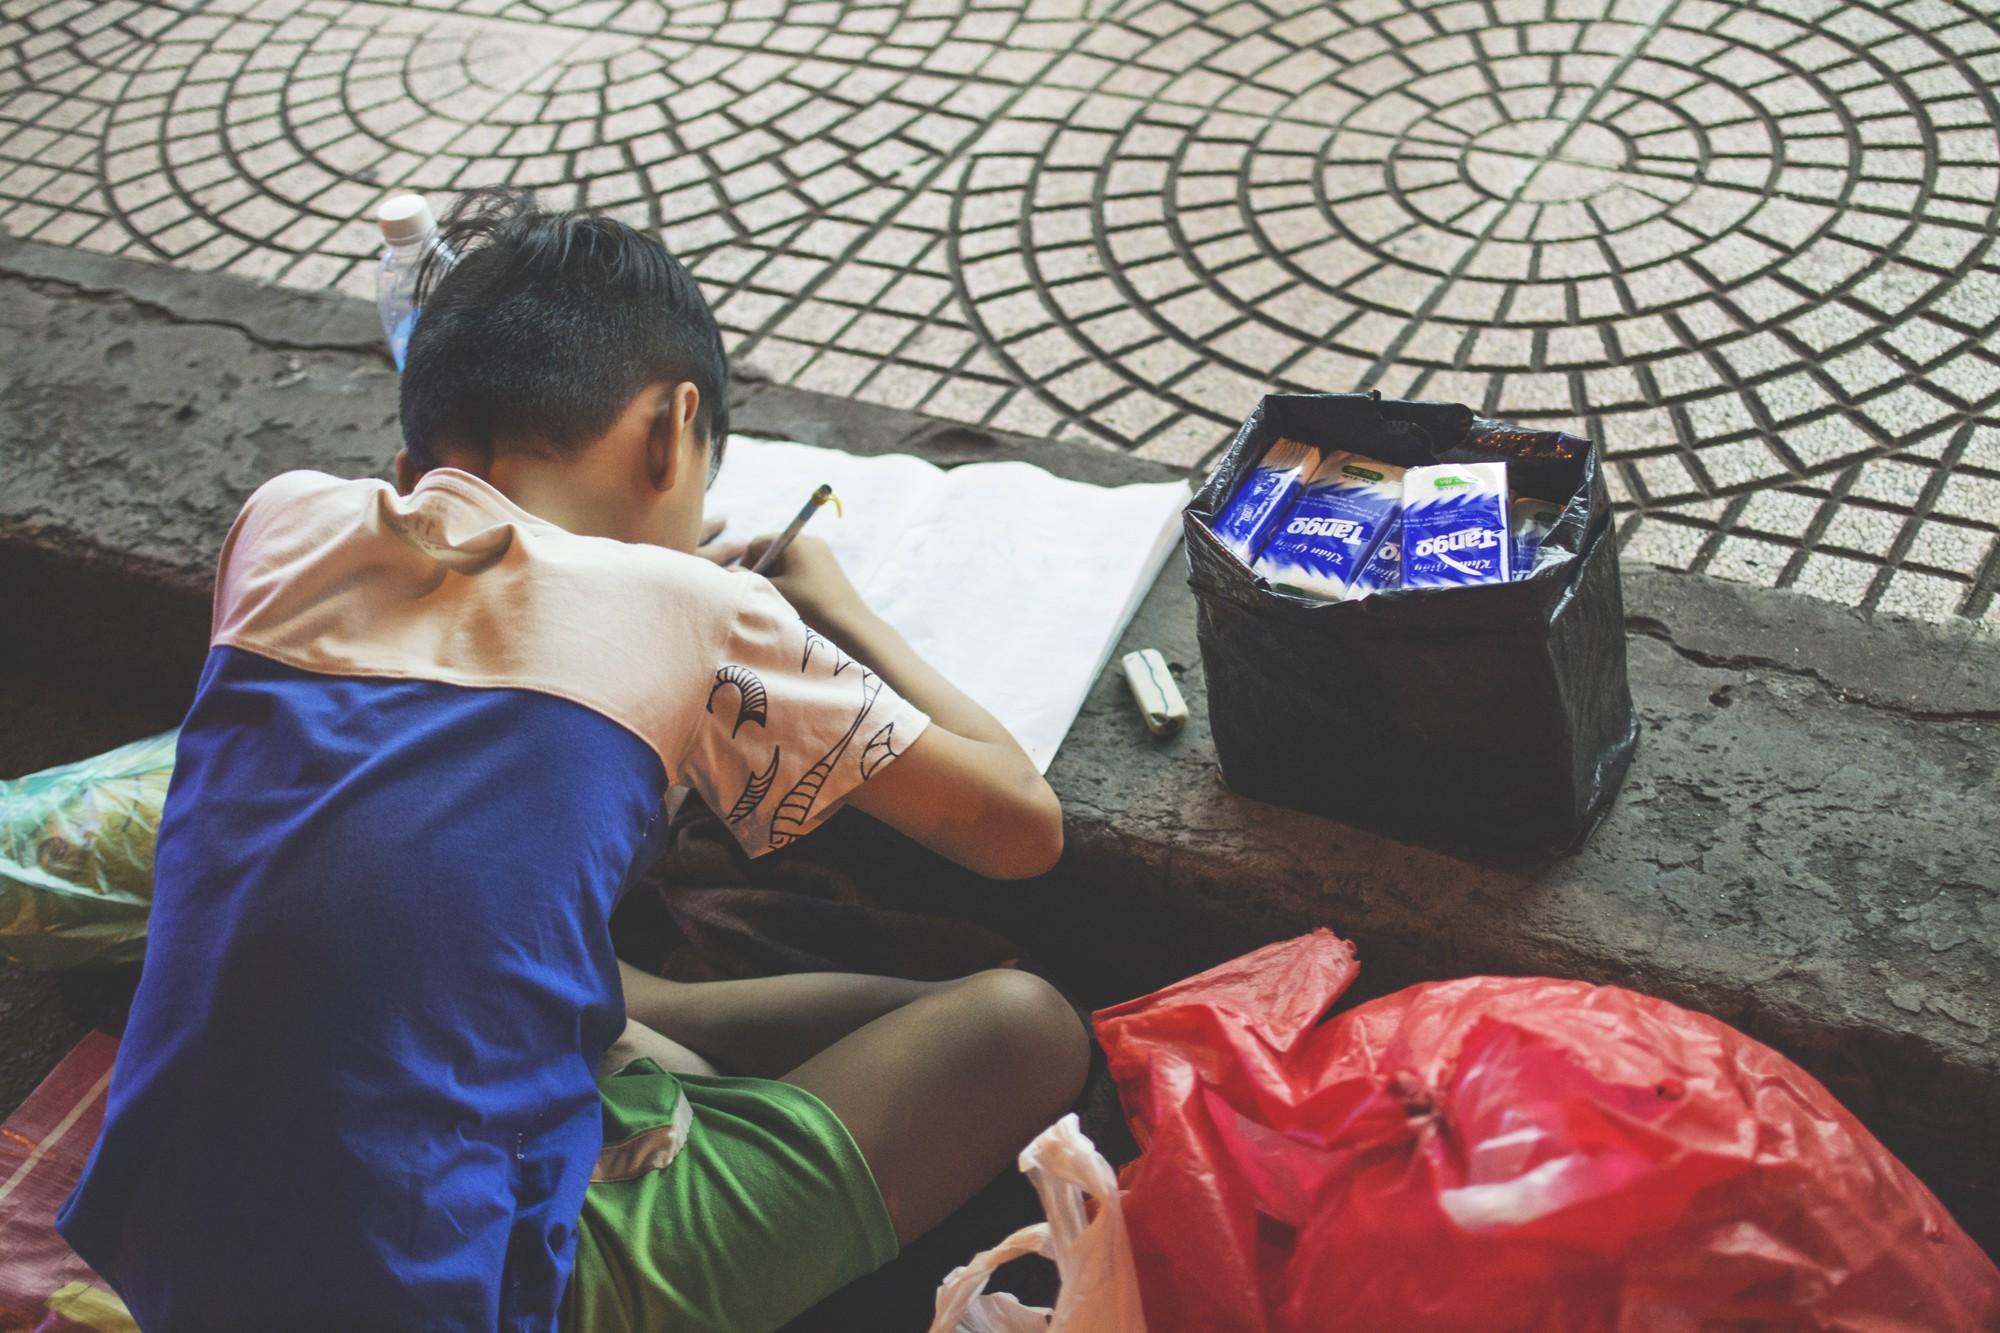 Khoảnh khắc người mẹ dạy con học bài bên vỉa hè giữa Sài Gòn náo nhiệt khiến dân mạng xúc động mạnh-4